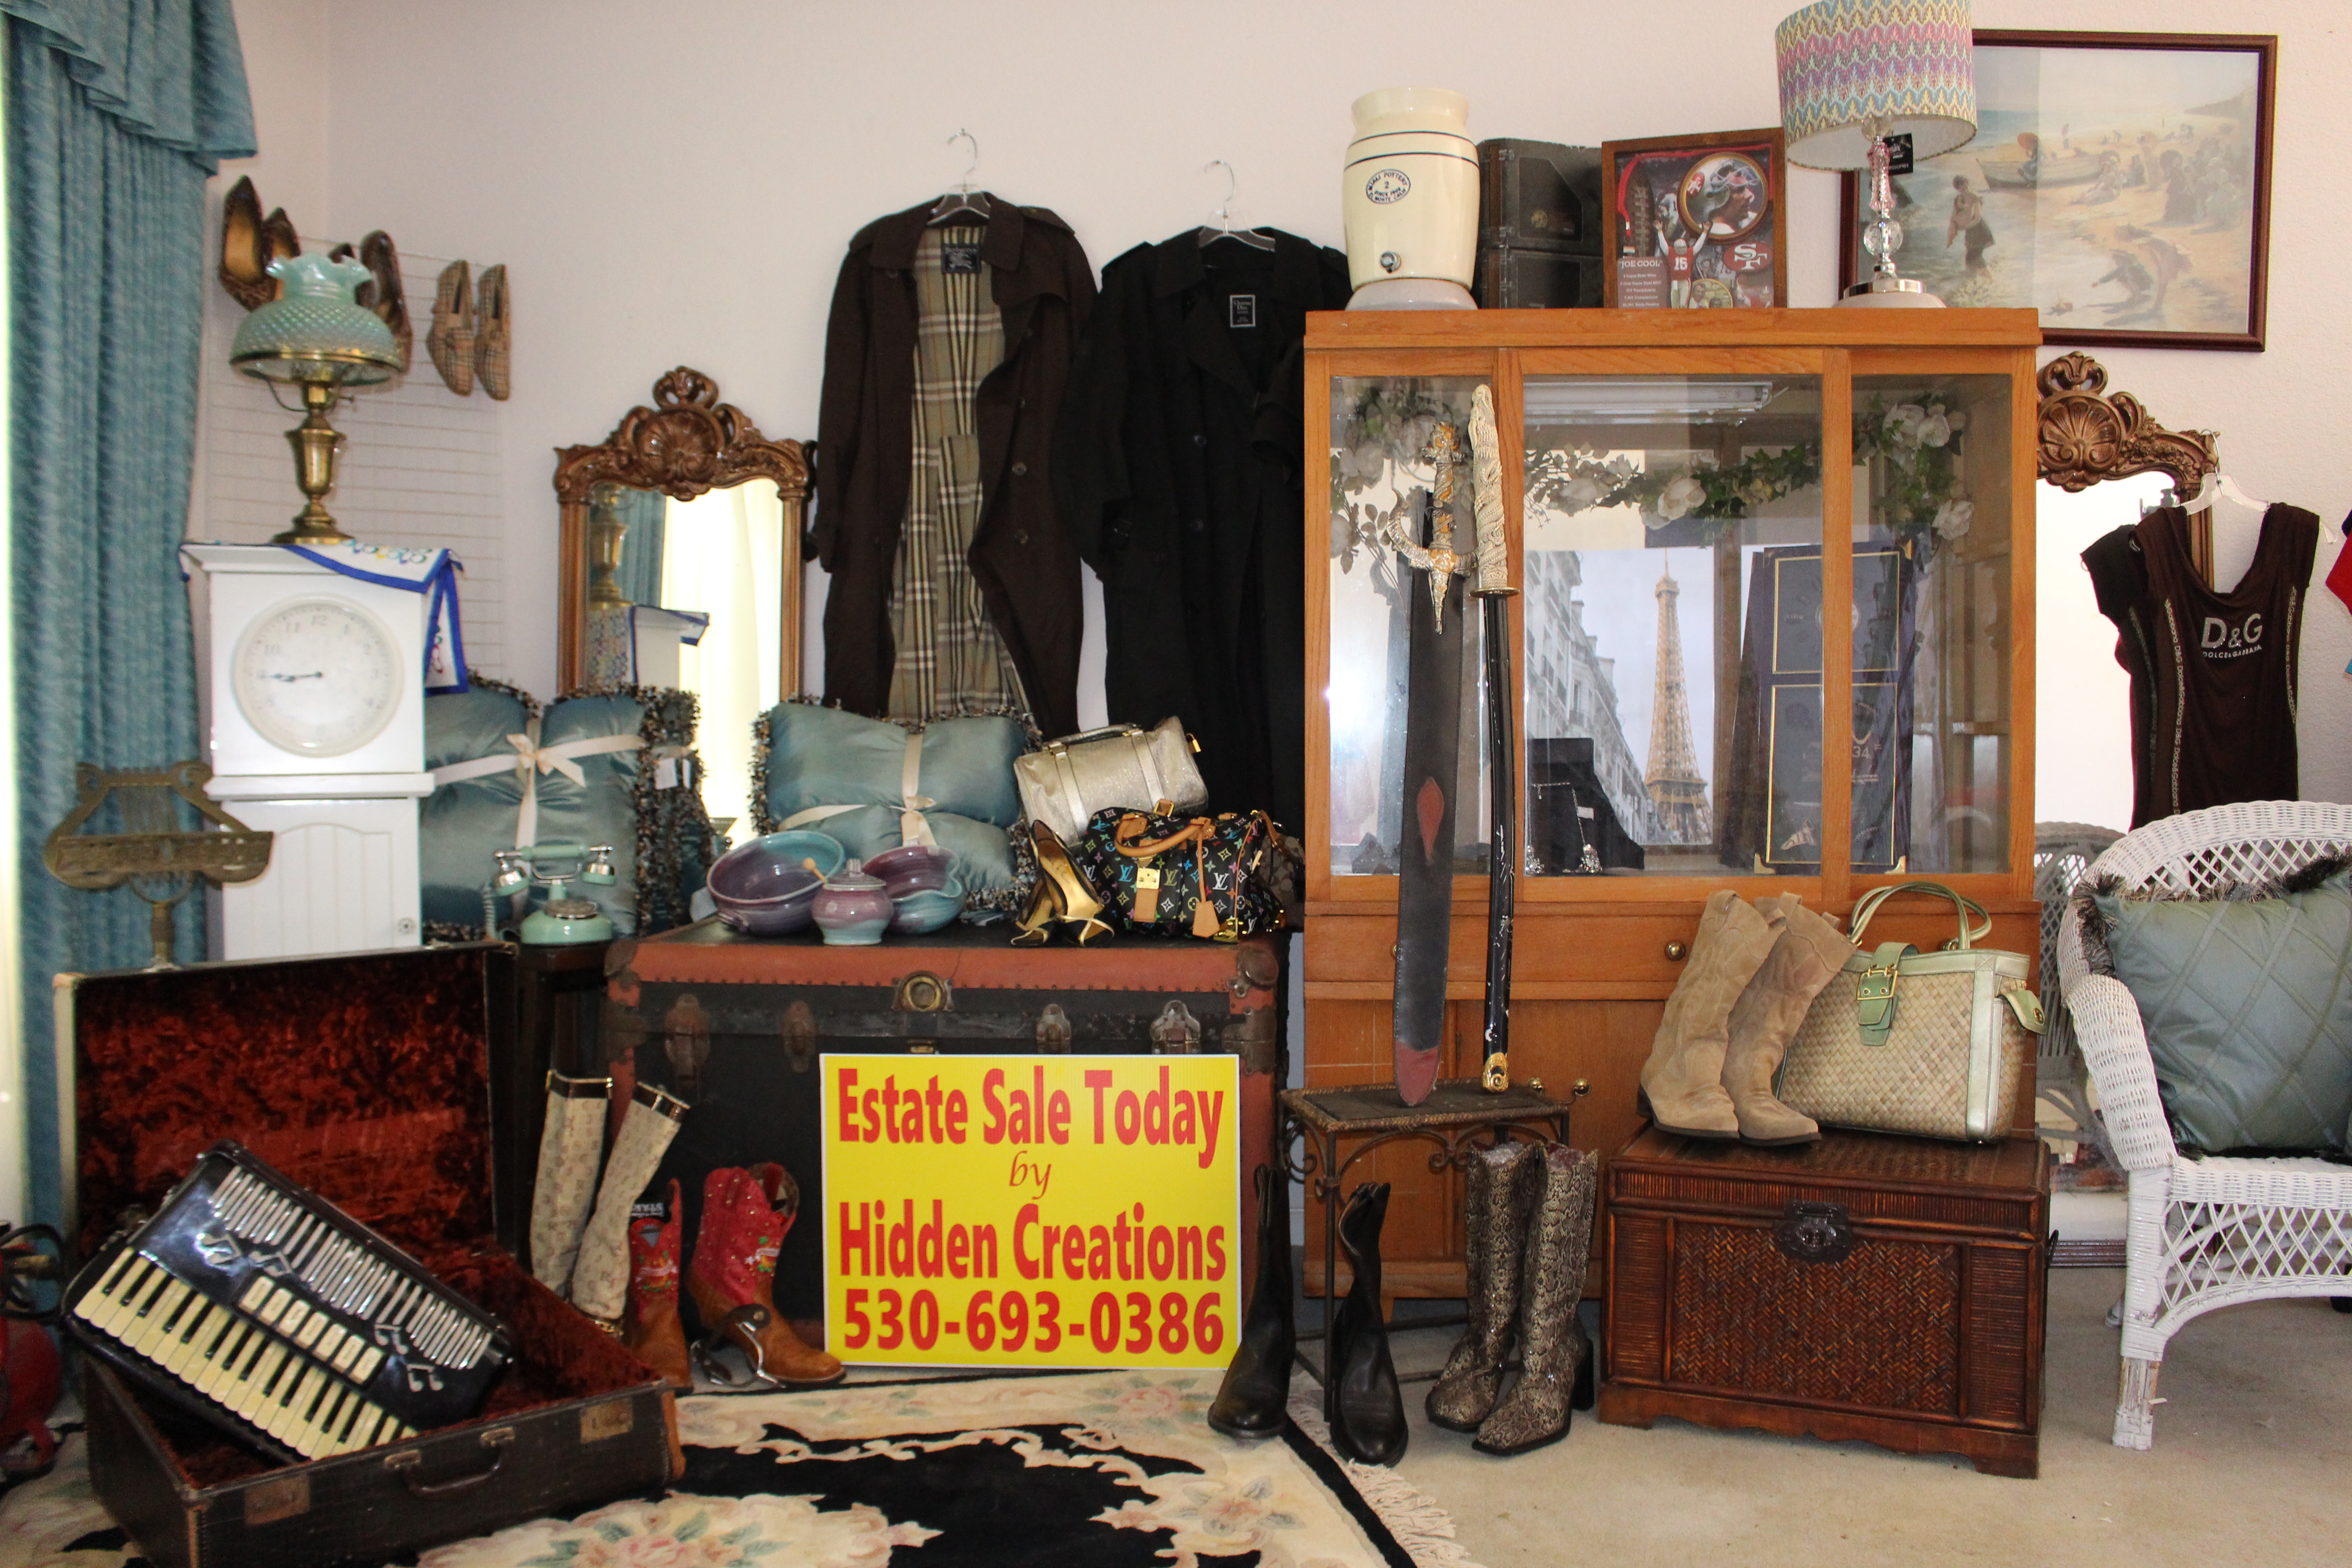 Estate Sale Services Yuba City CA